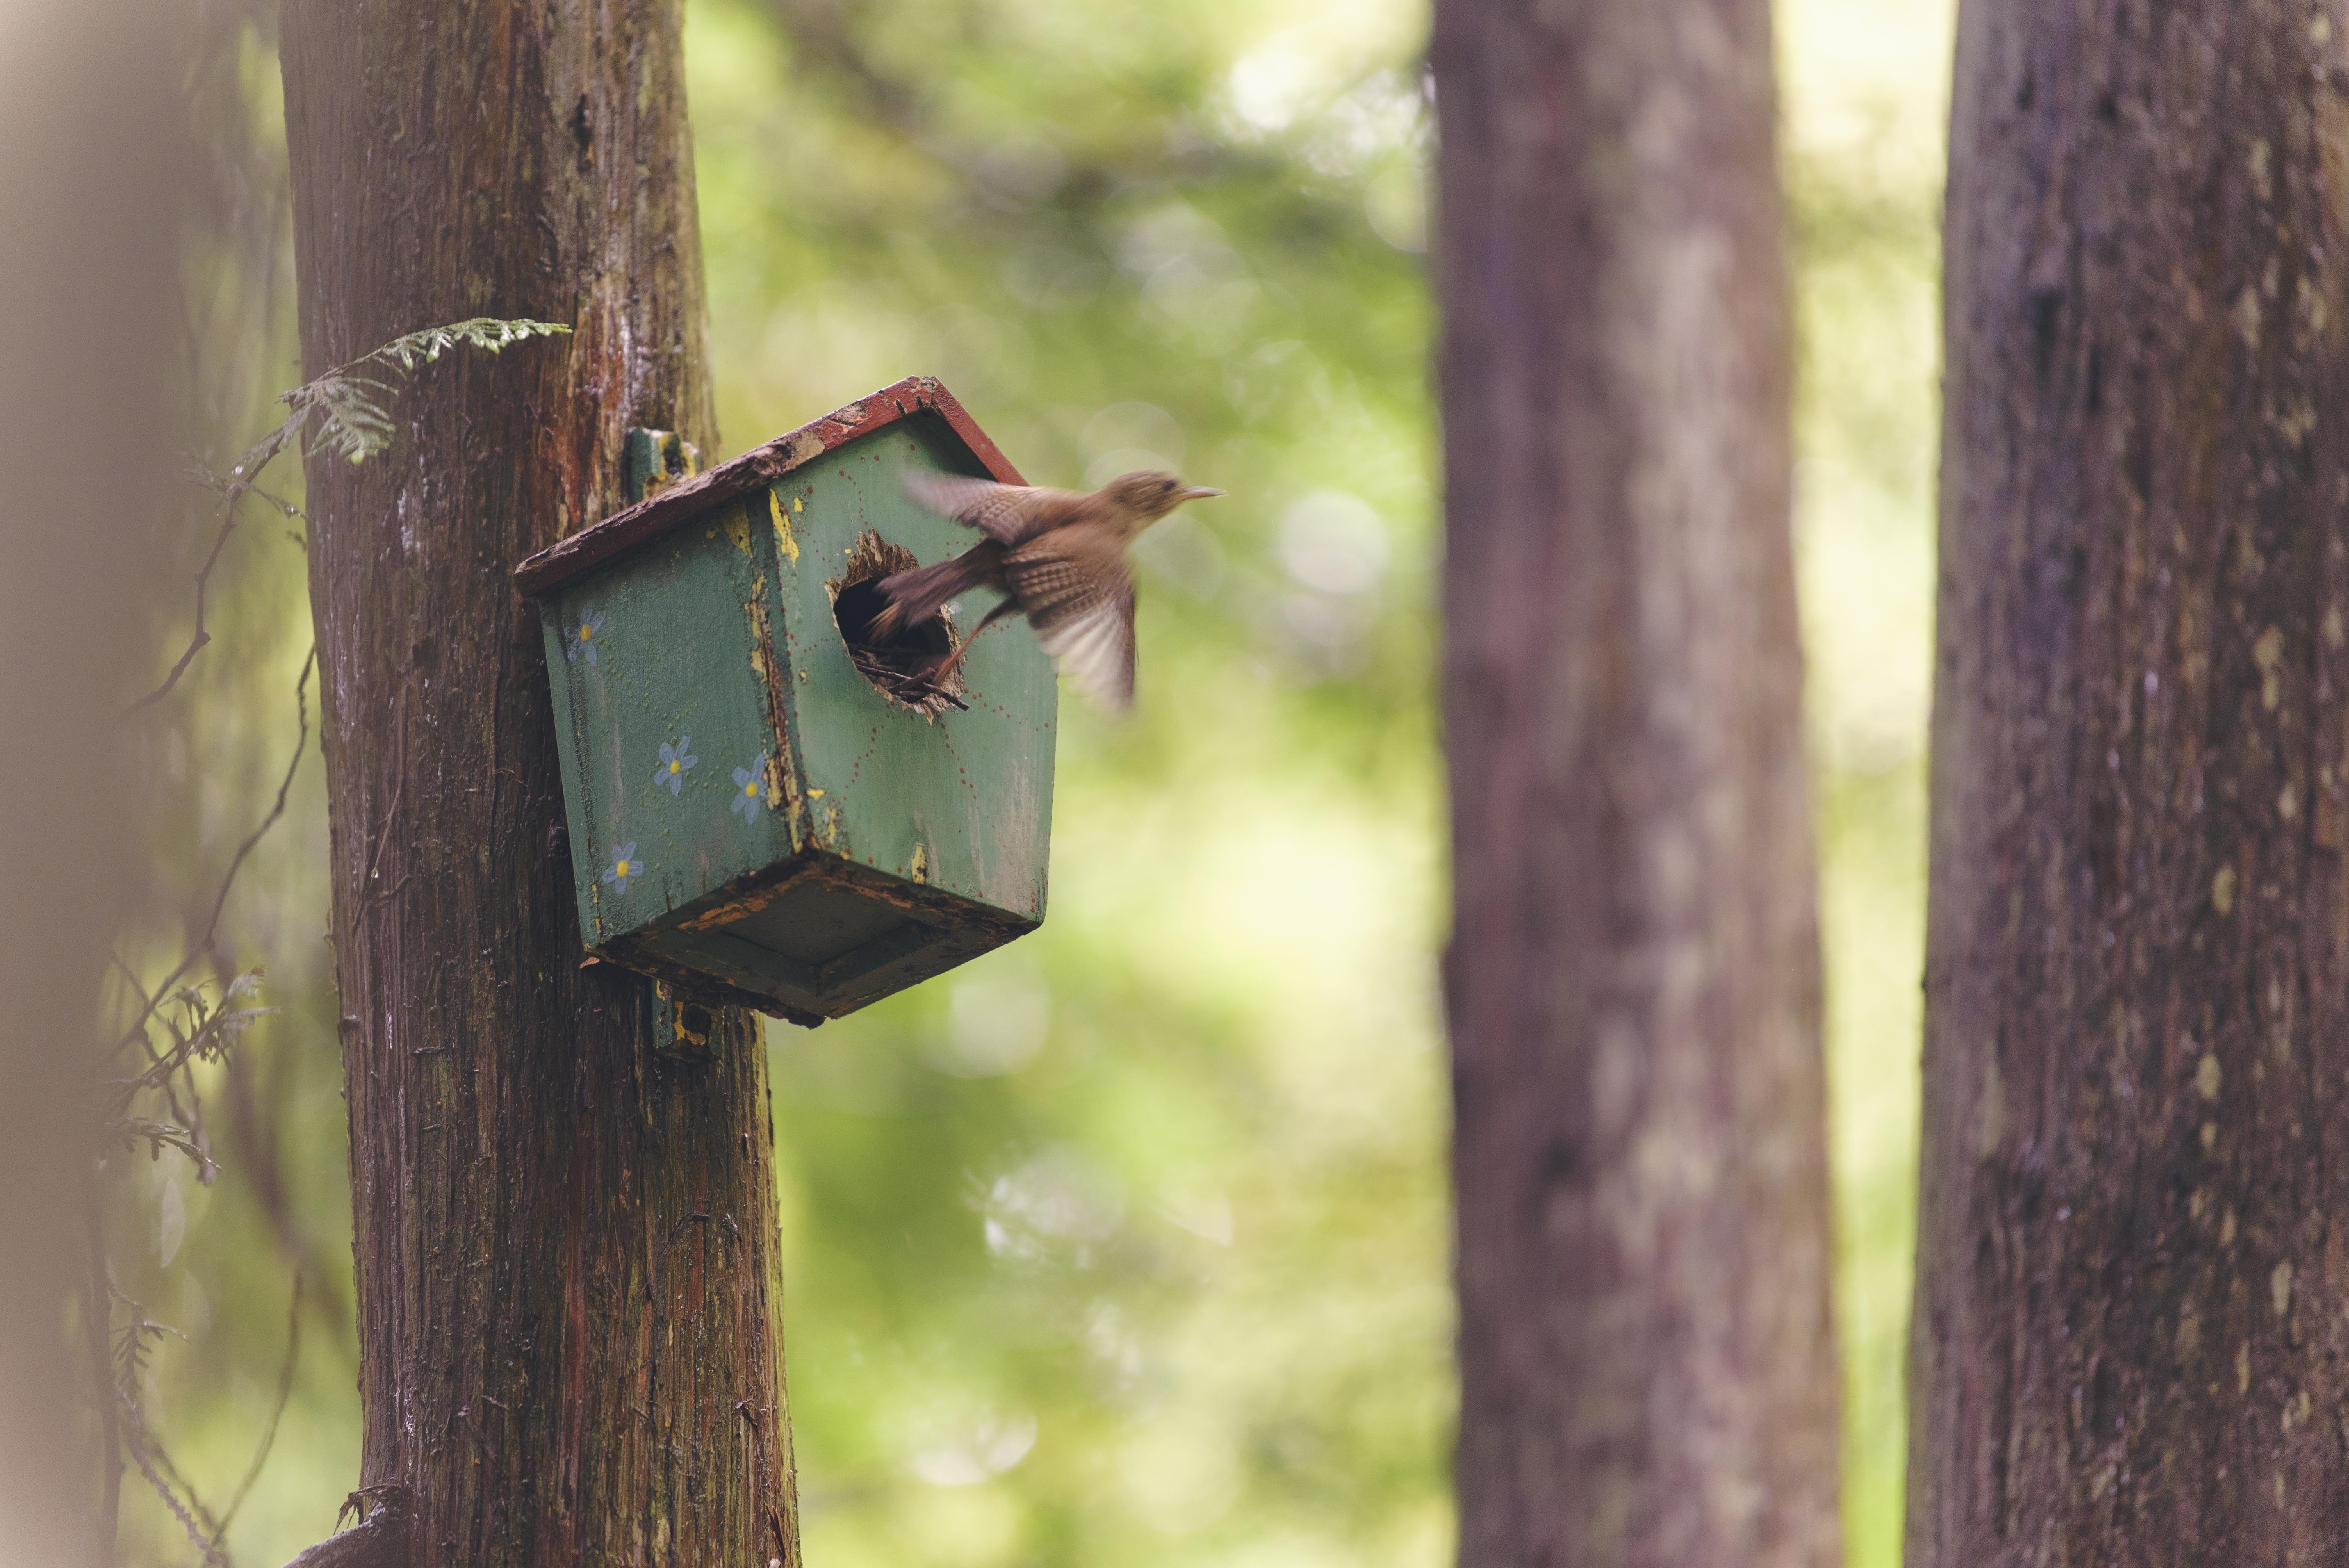 2018-06-24 - Cottage Day 2 birds 20